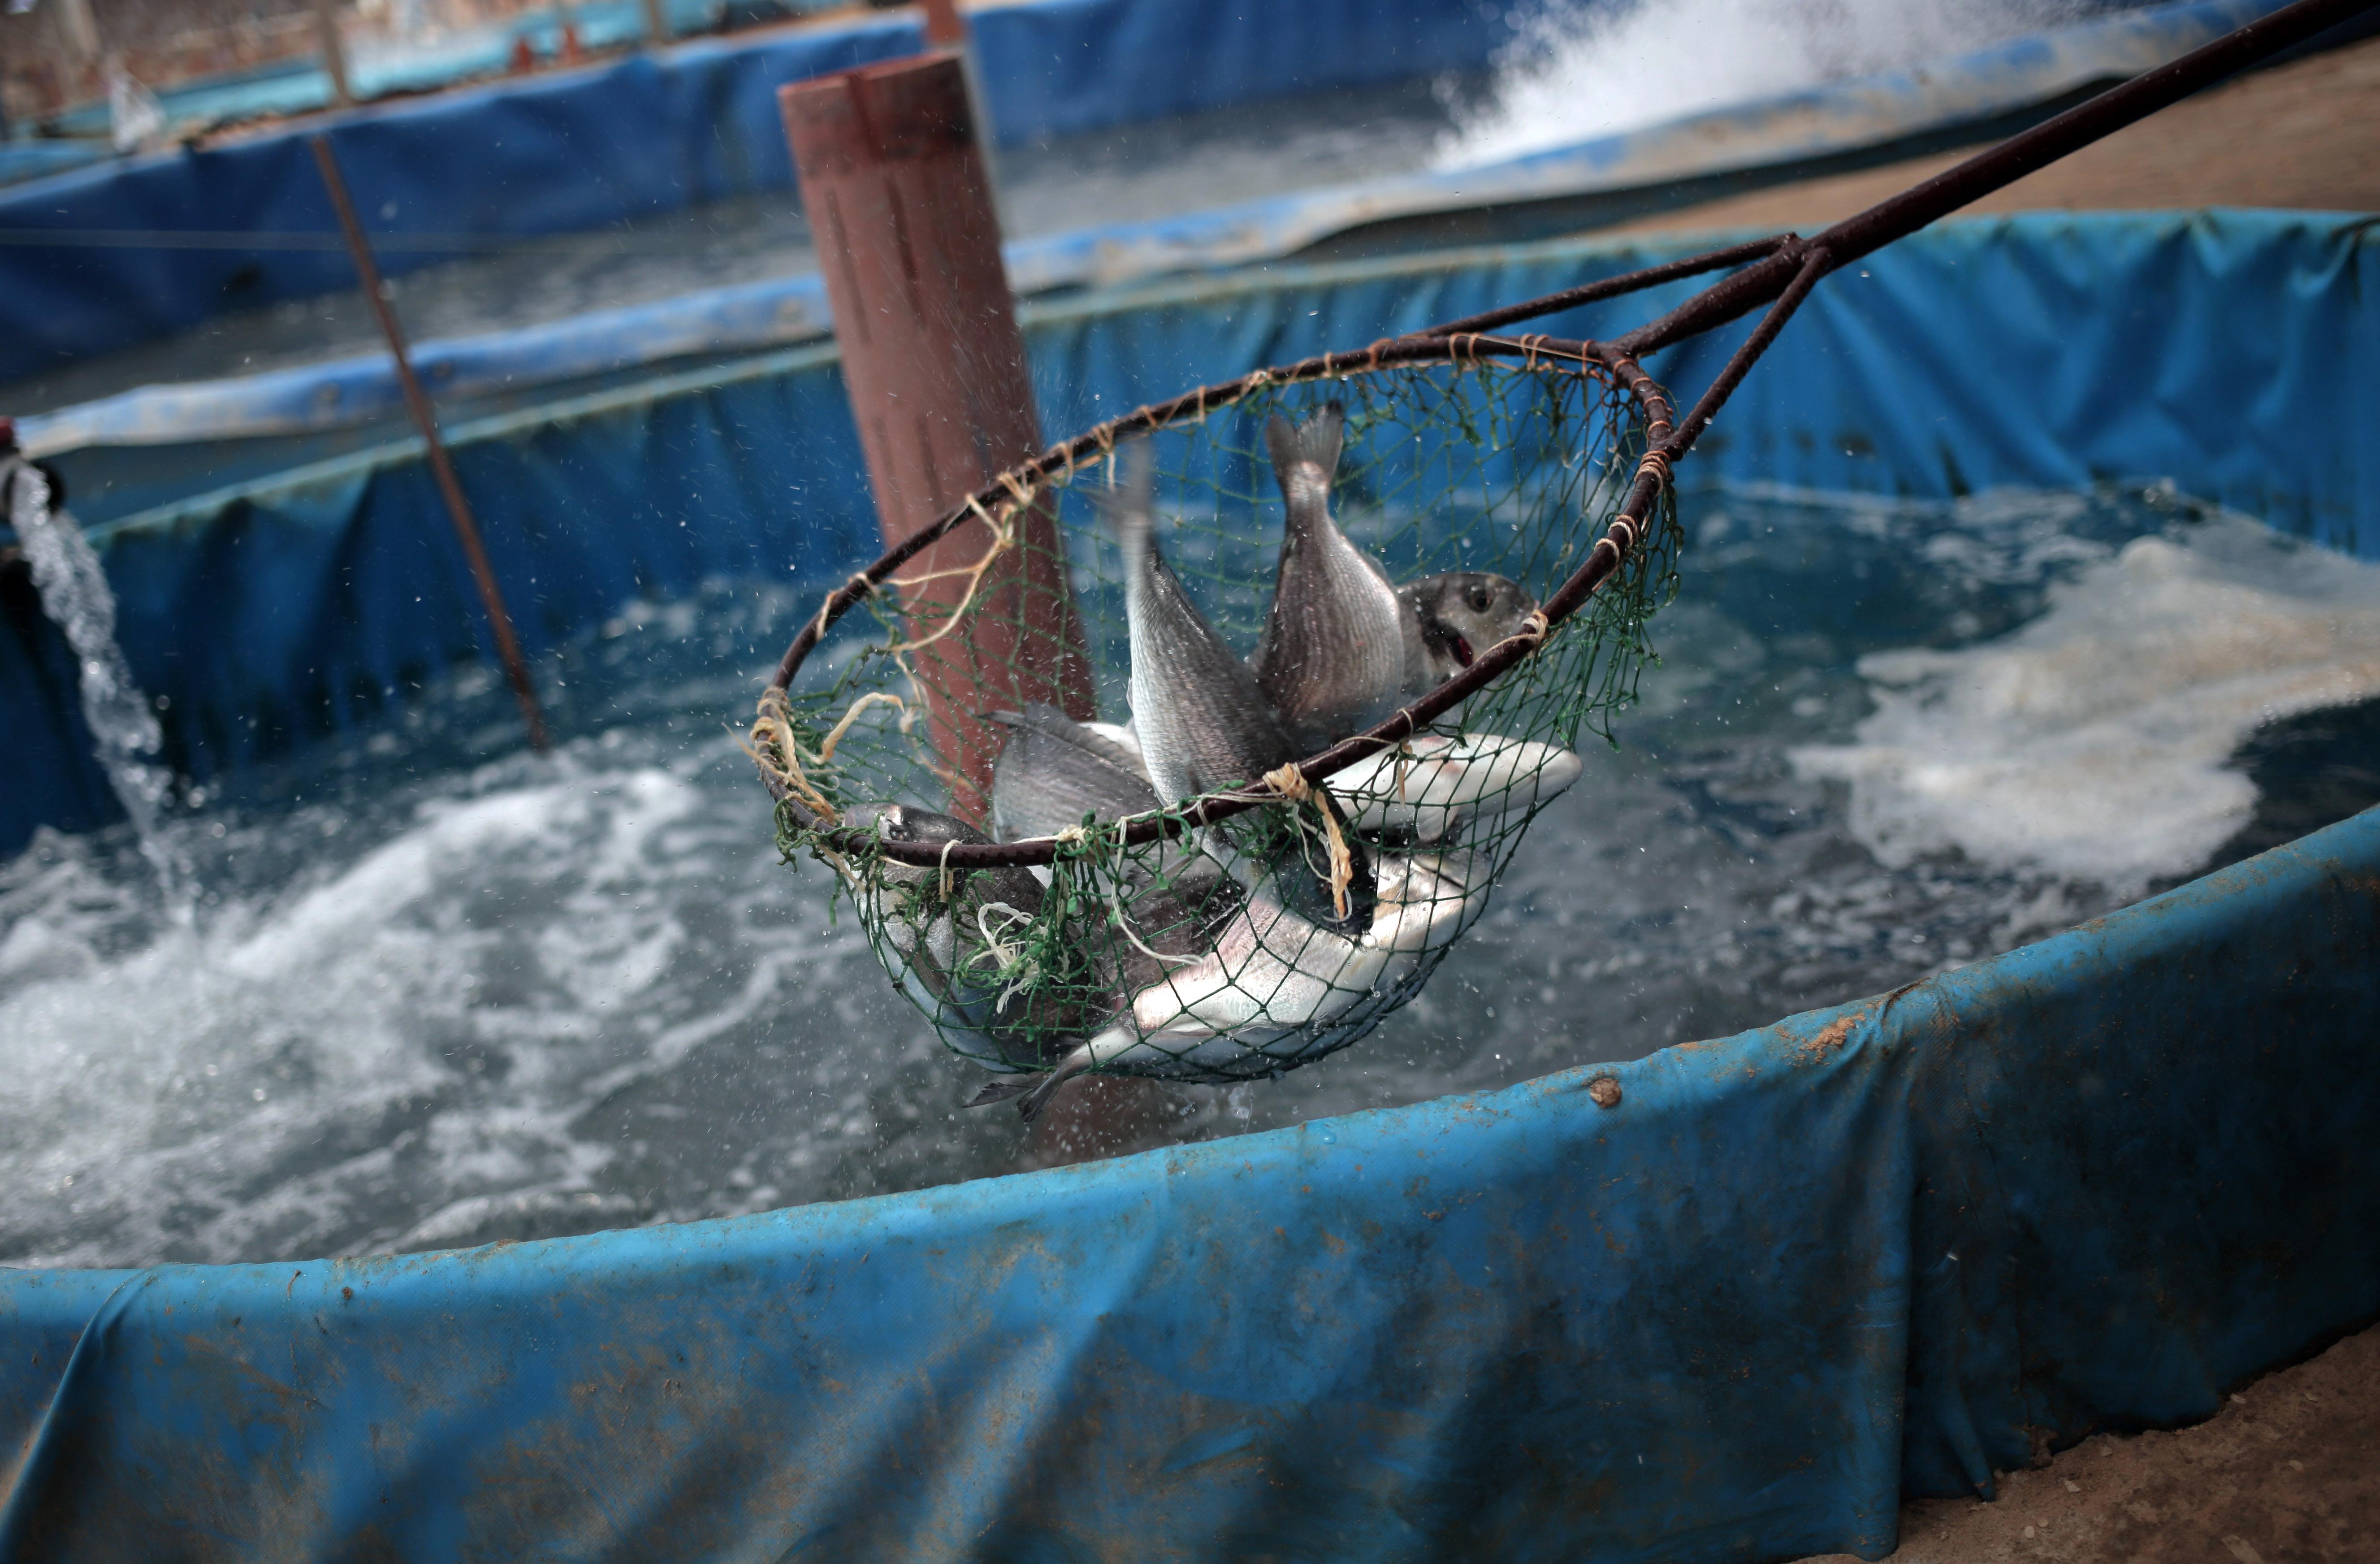 Crean en la franja de gaza criaderos de peces noticias for Criaderos de pescados colombia